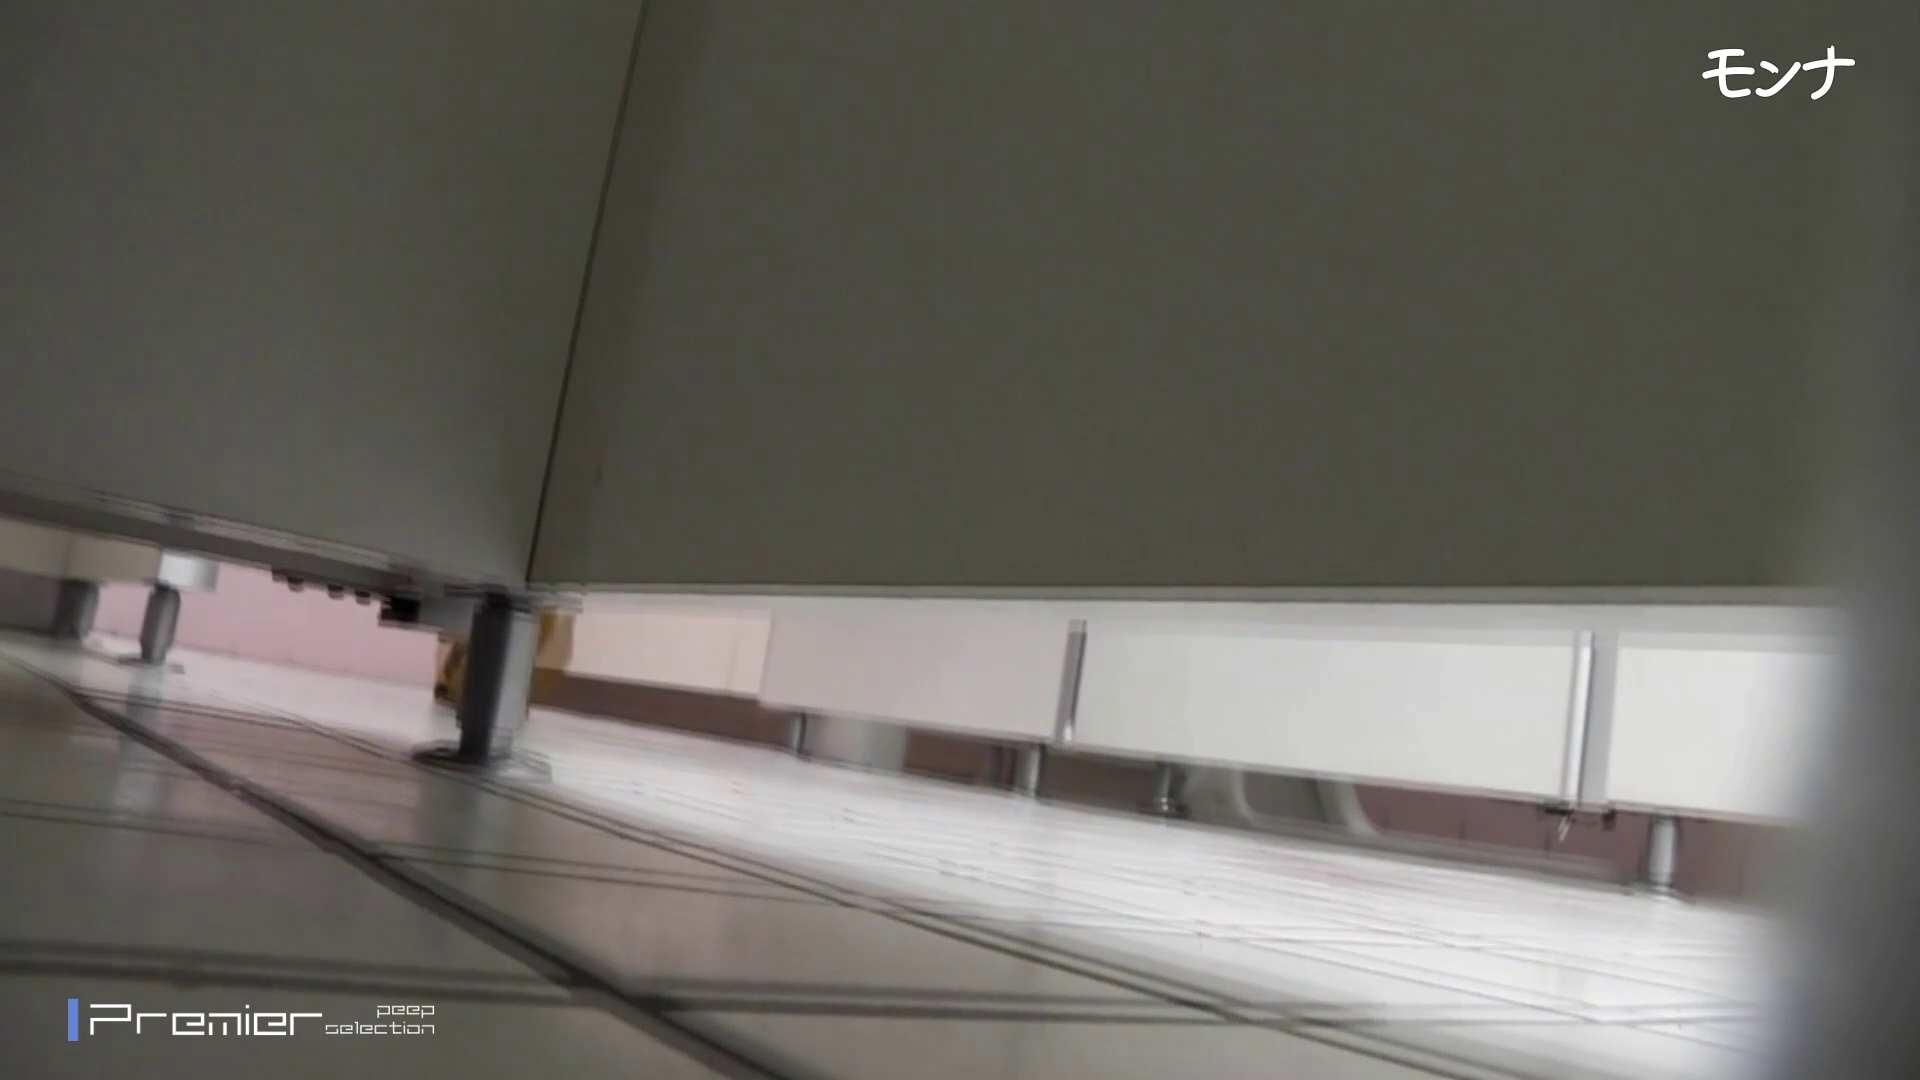 美しい日本の未来 No.69 ひやっと!終始15cmのしらすを垂らしながら・・・ ギャル盗撮映像 | 盗撮  54PIX 9